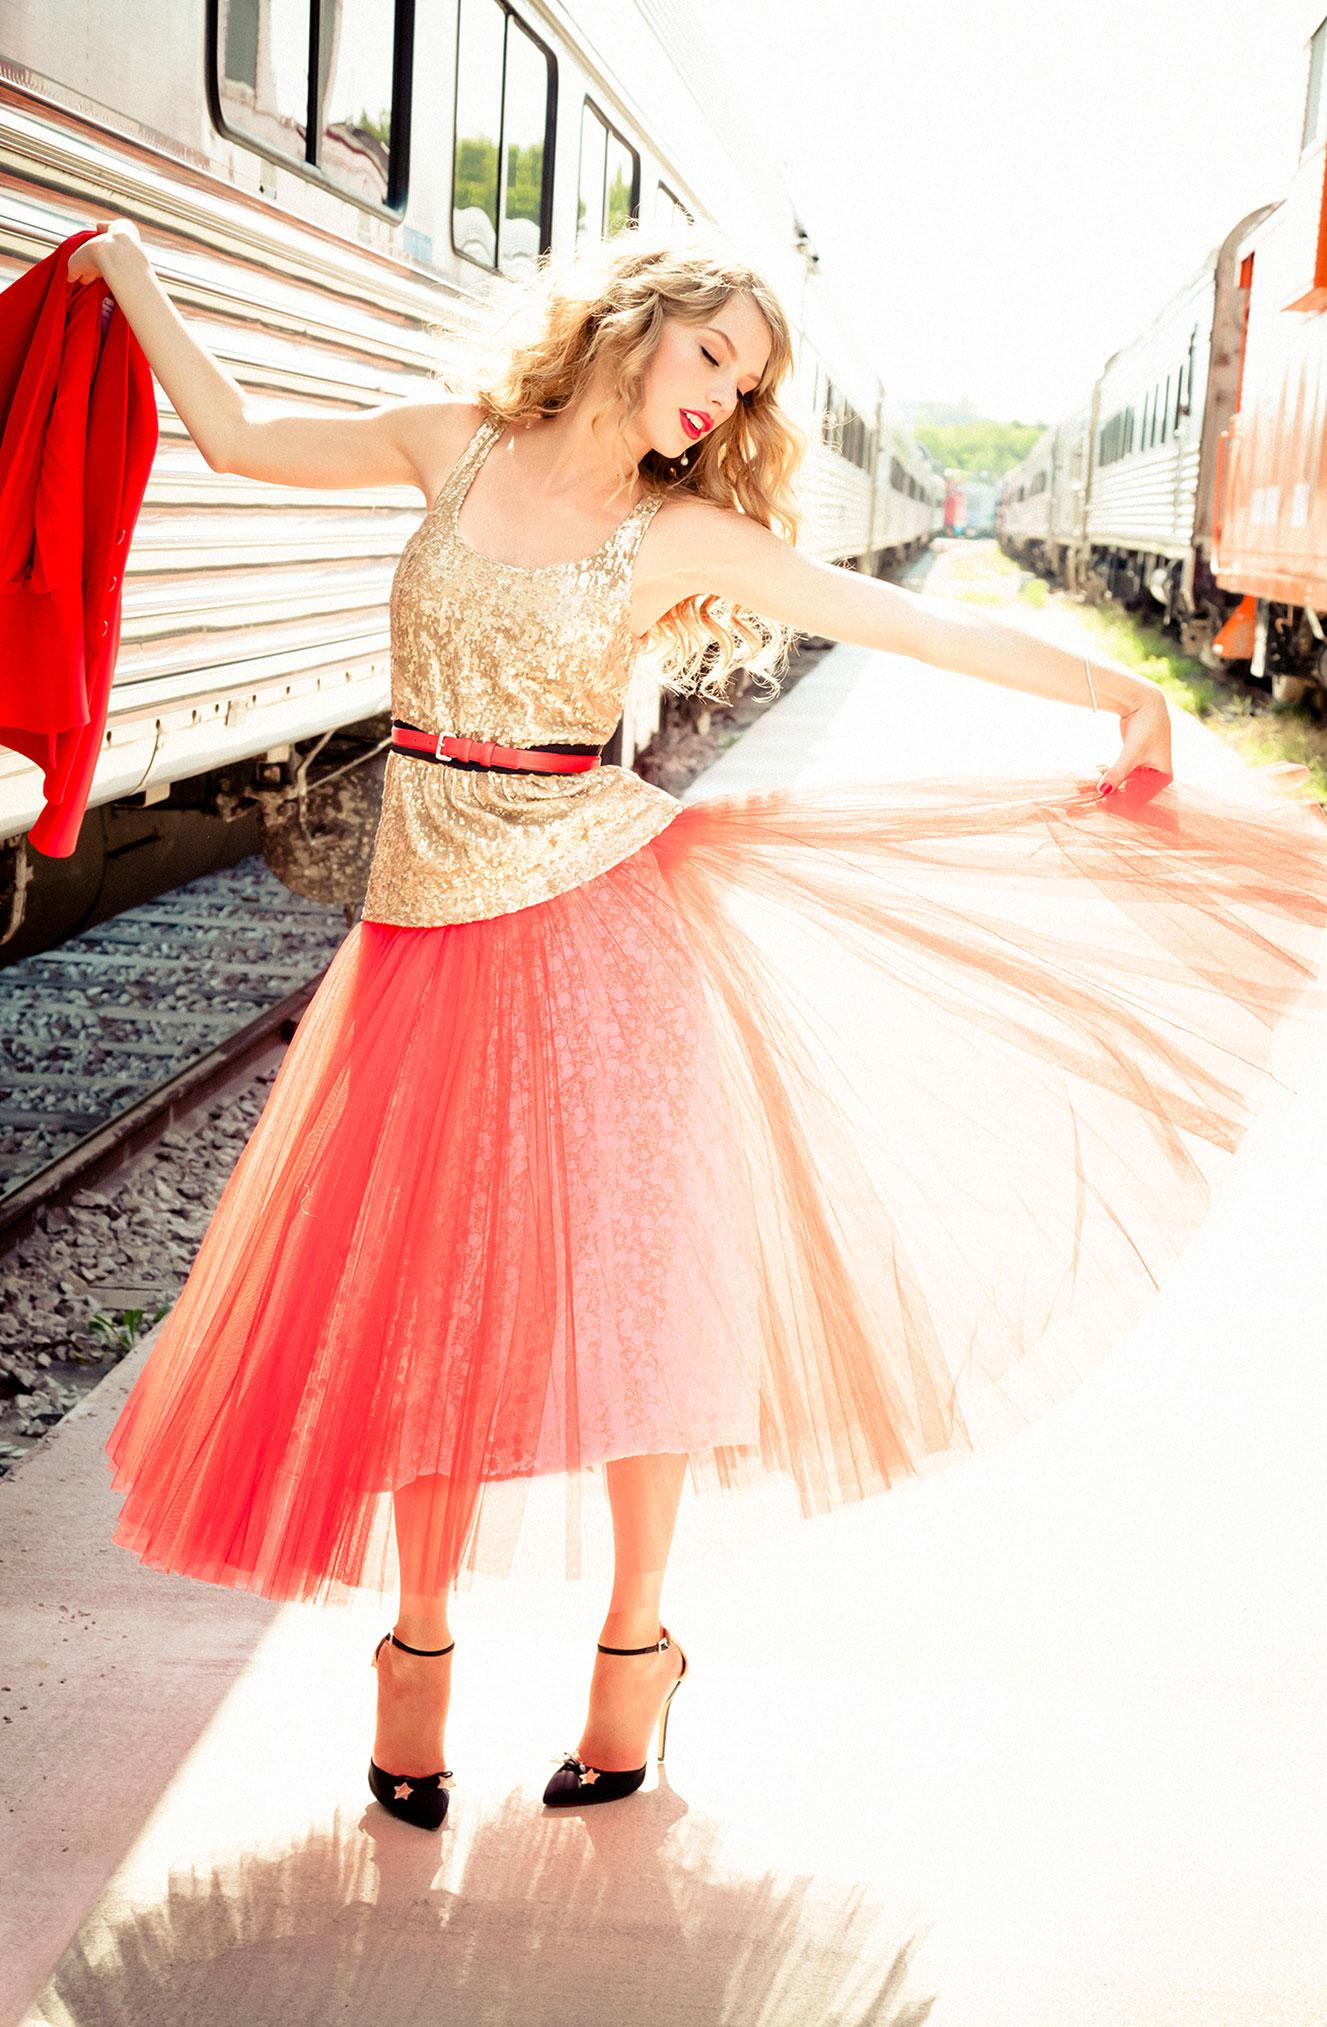 Тейлор Свифт отправляется в путешествие на поезде / фото 08